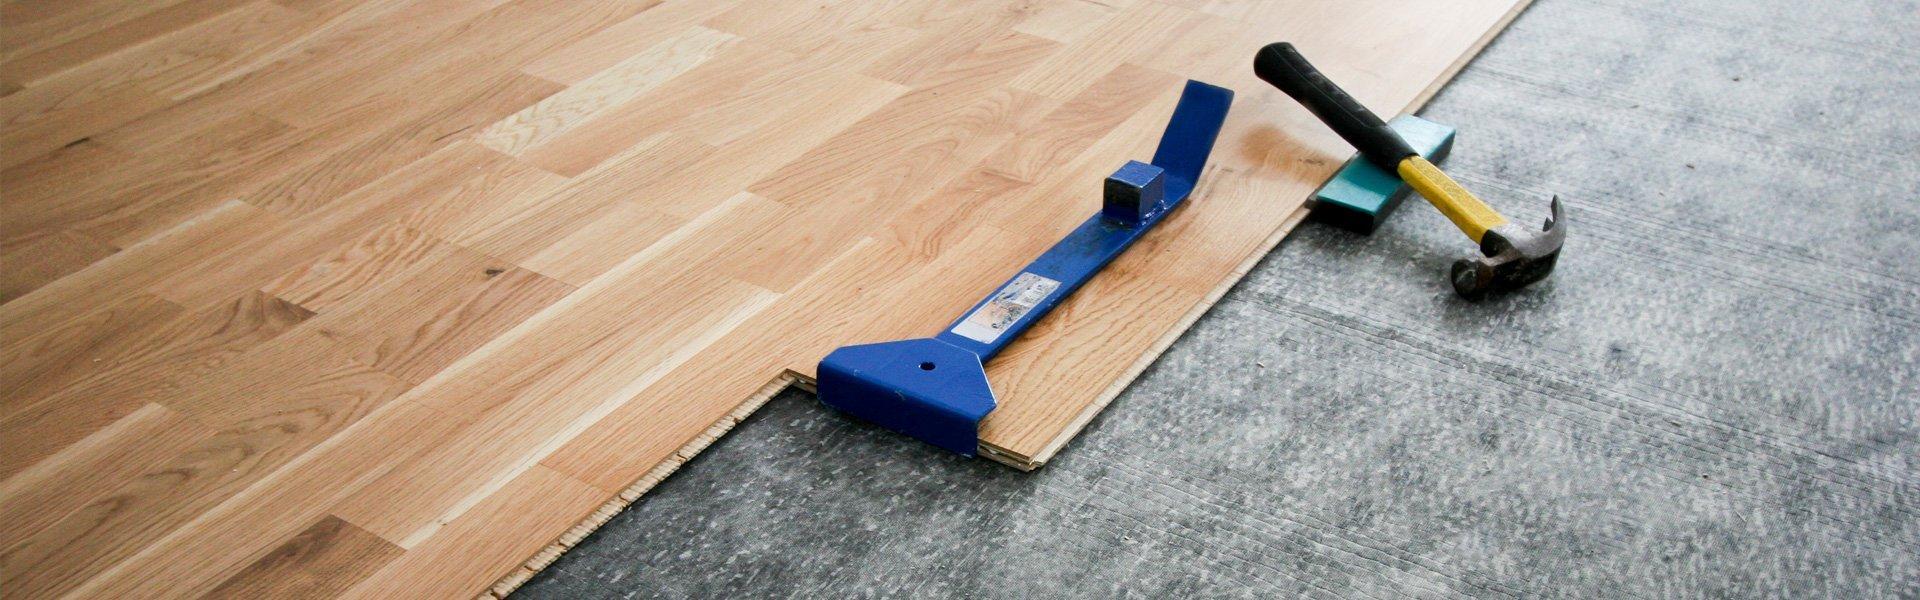 wood flooring being installed